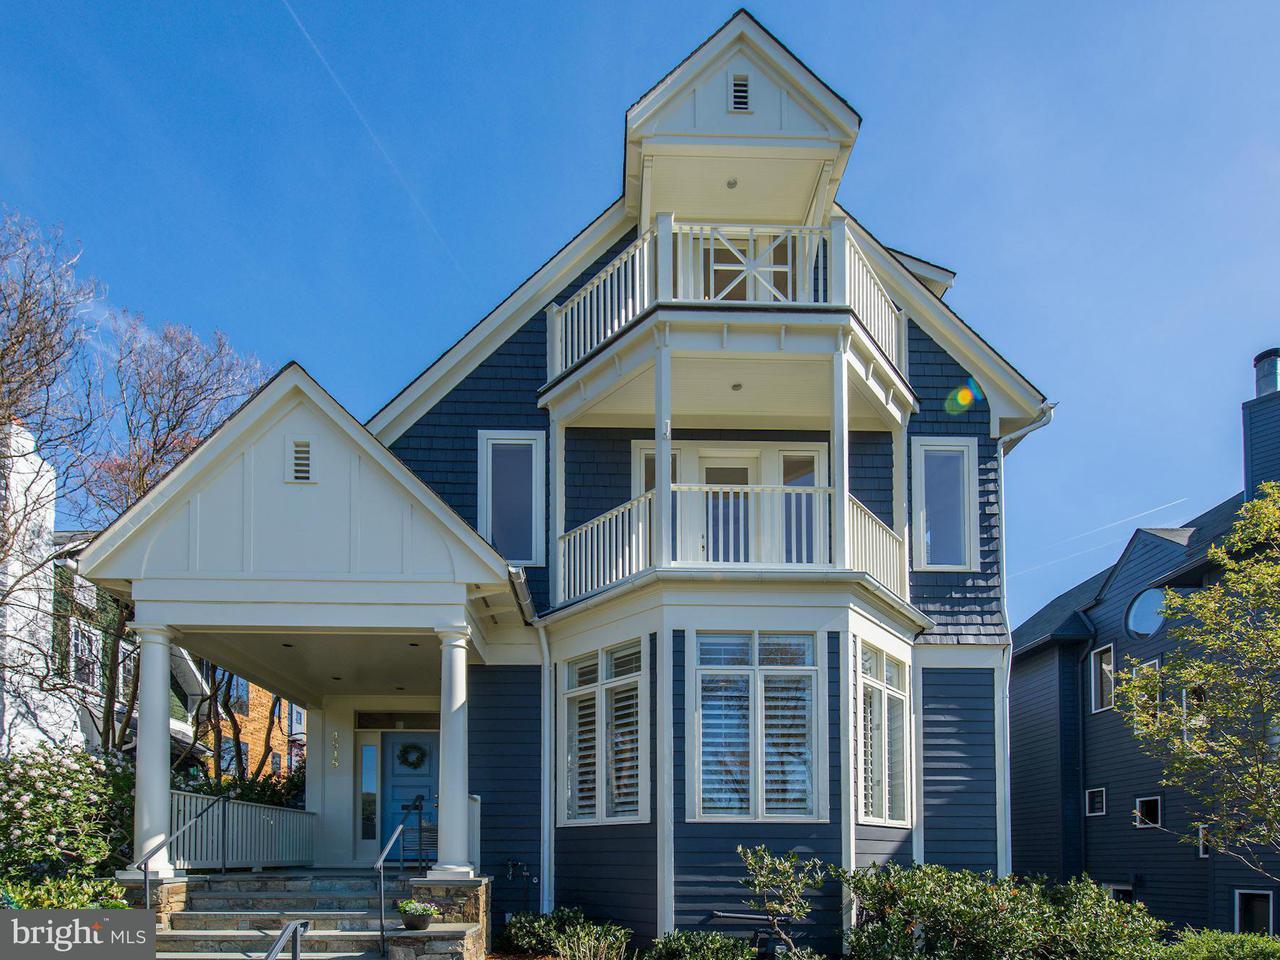 Casa Unifamiliar por un Venta en 4515 POTOMAC AVE NW 4515 POTOMAC AVE NW Washington, Distrito De Columbia 20007 Estados Unidos